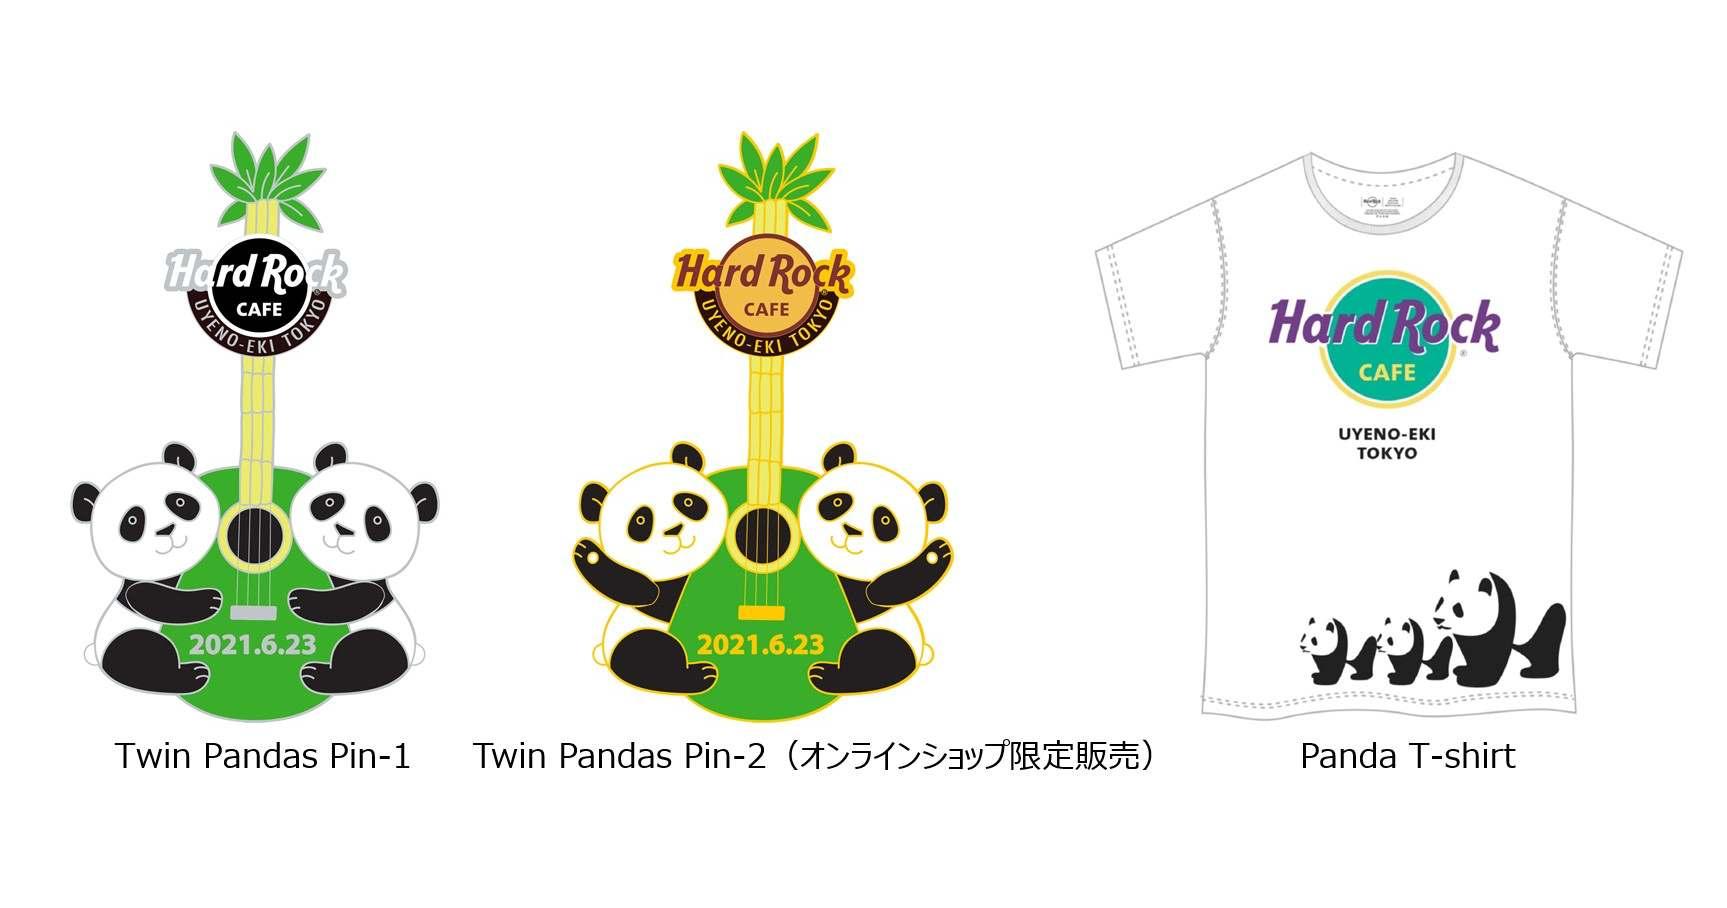 ハードロックカフェ 上野駅東京 双子のジャイアントパンダ誕生記念グッズ4